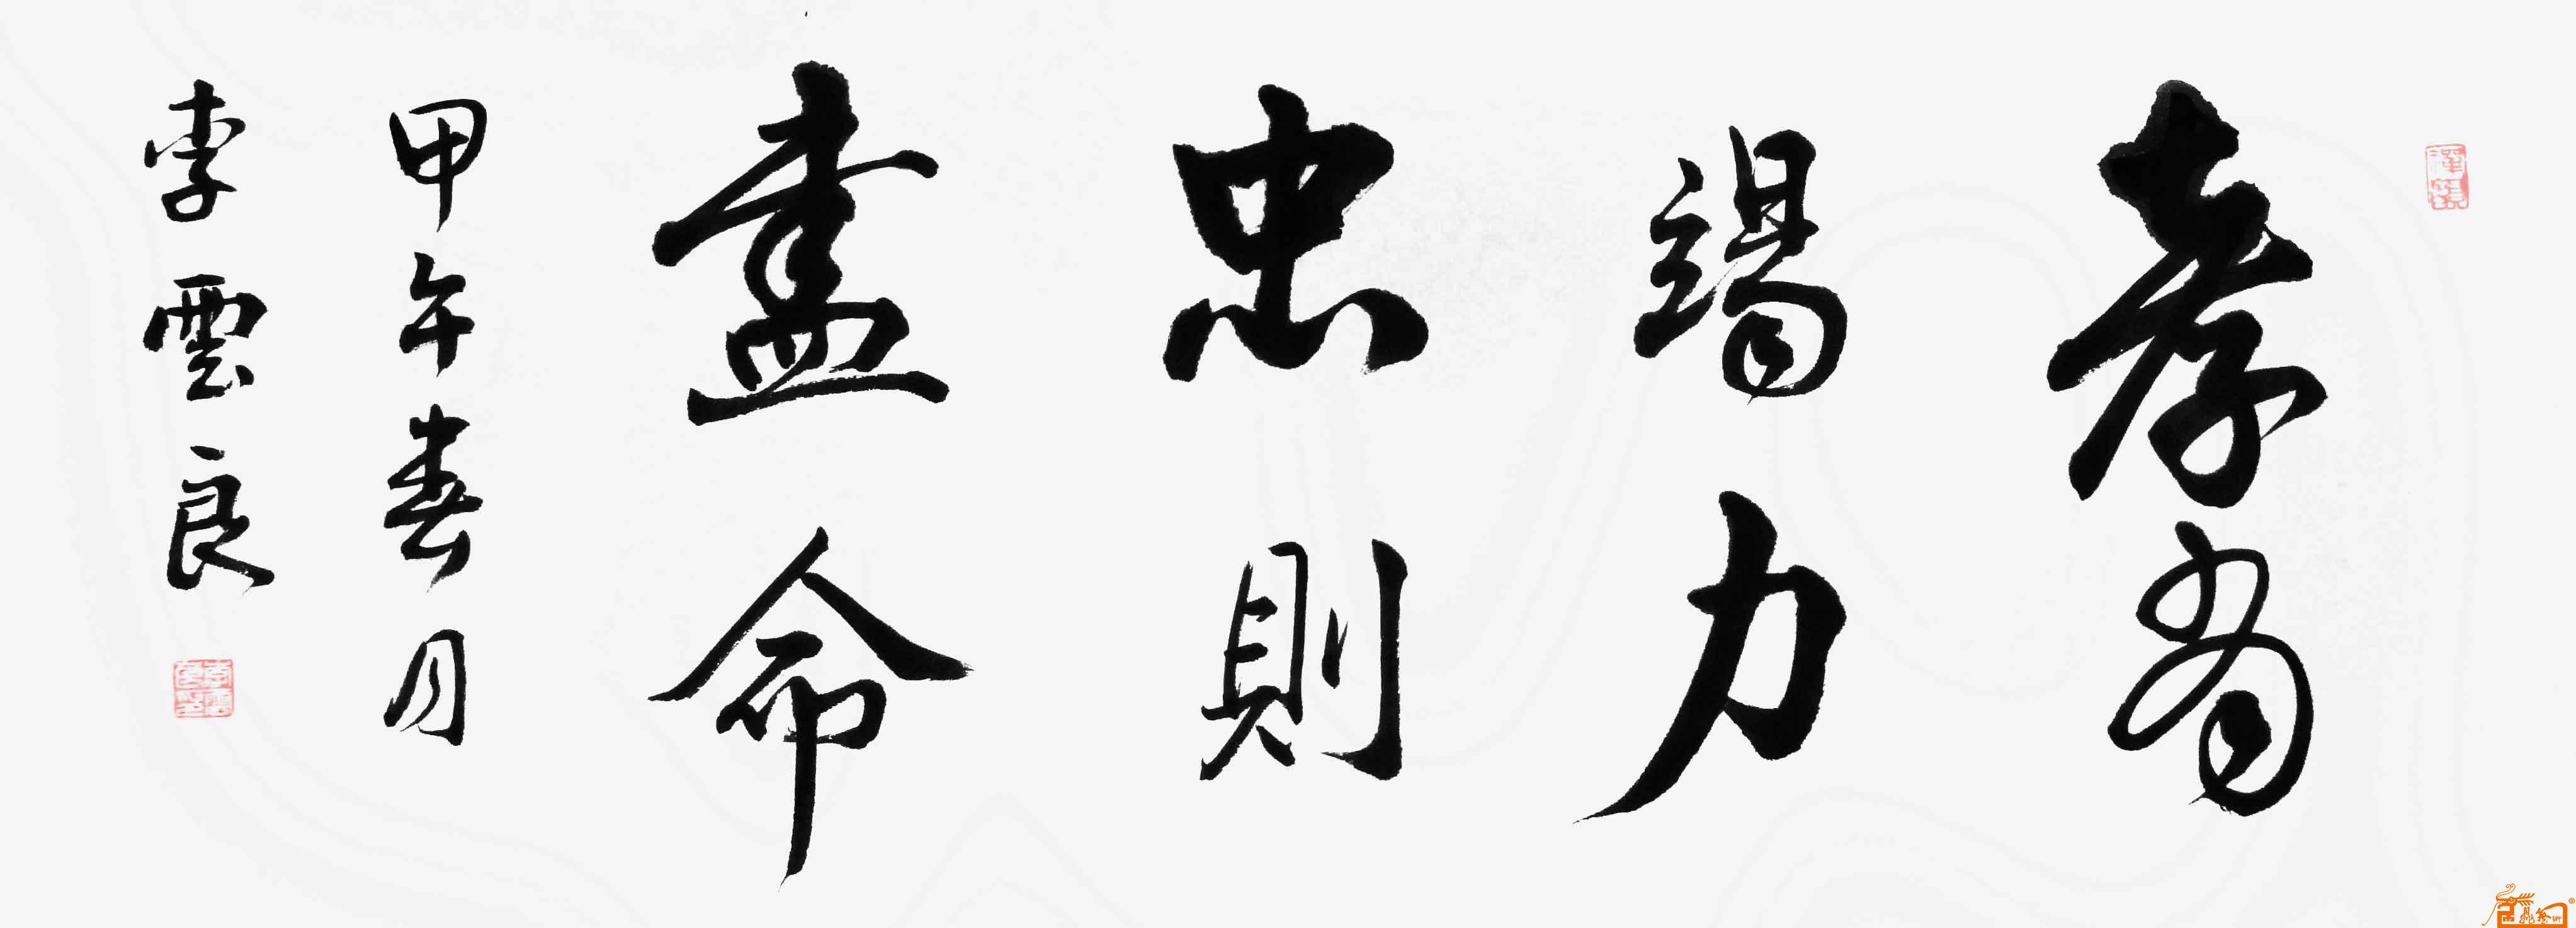 书法专长名家李云良作品保真鉴赏视频